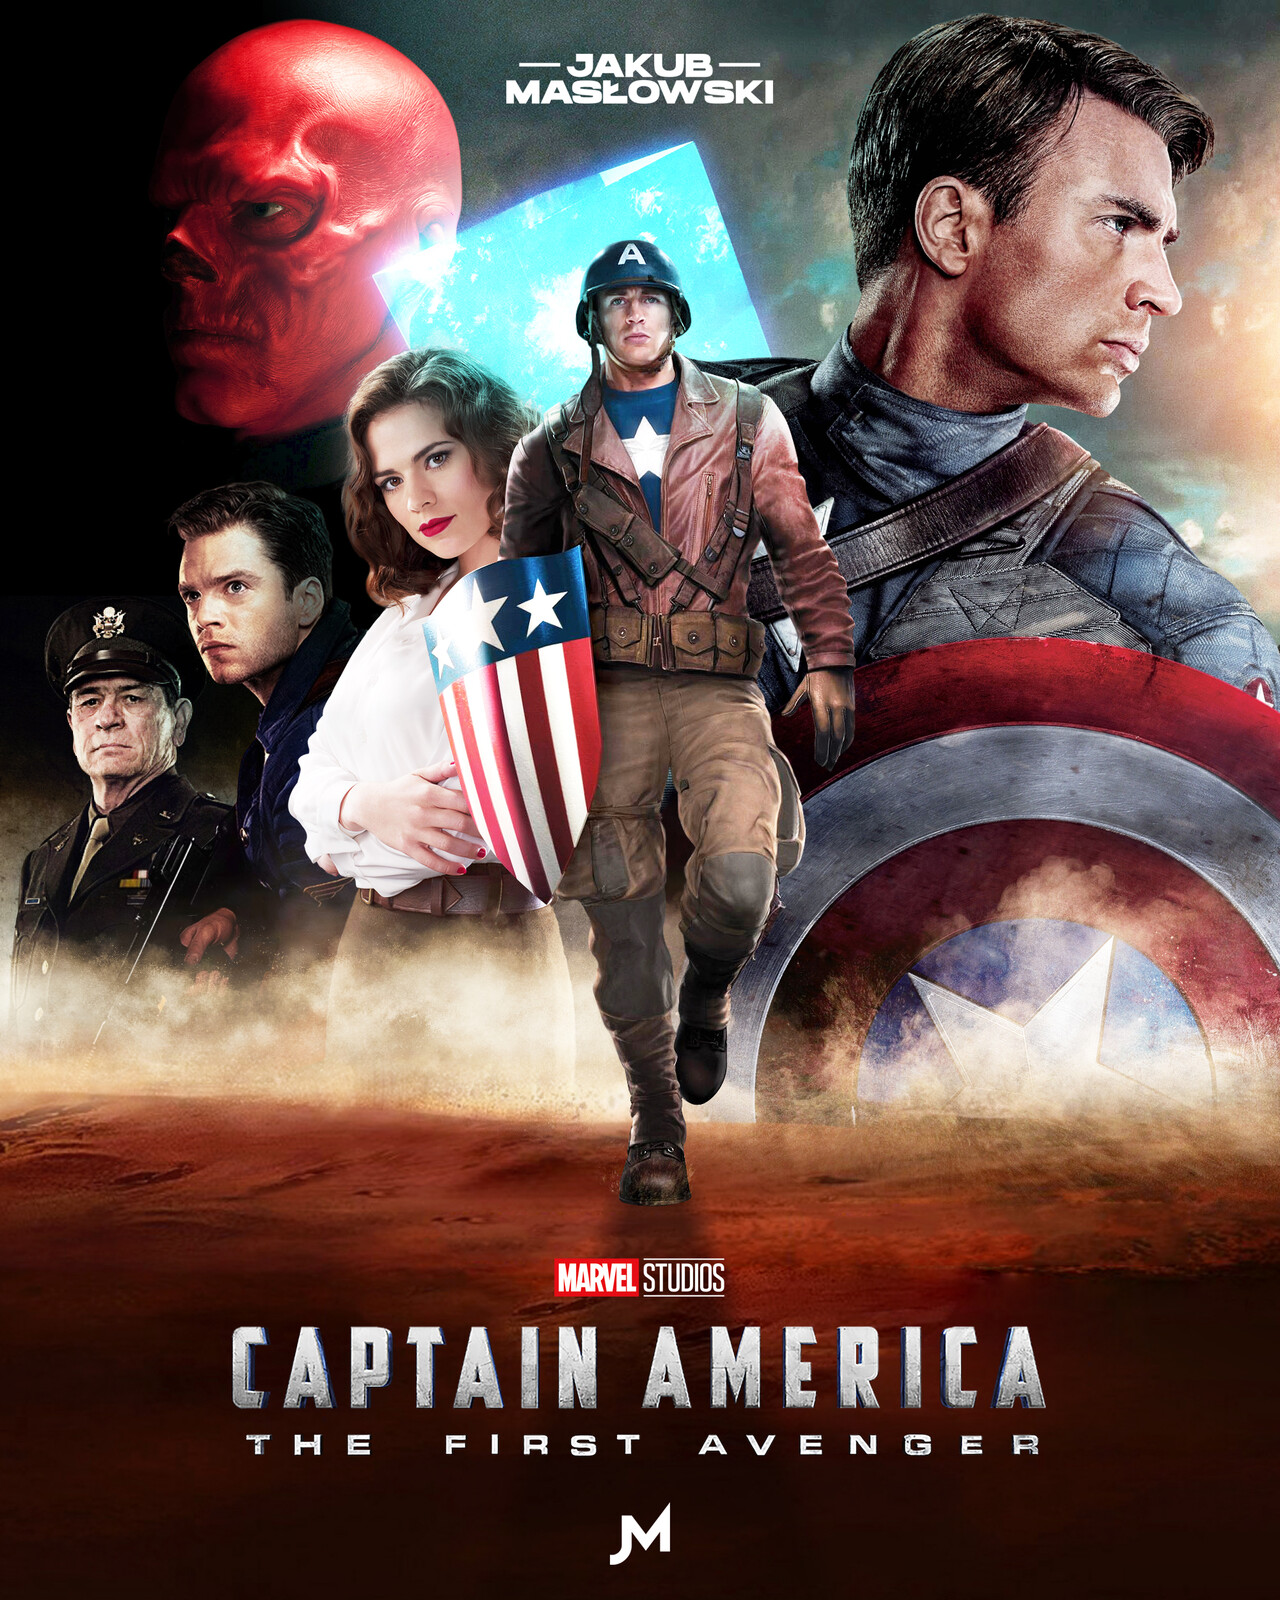 ArtStation   Captain America The First Avenger, Jakub Masłowski